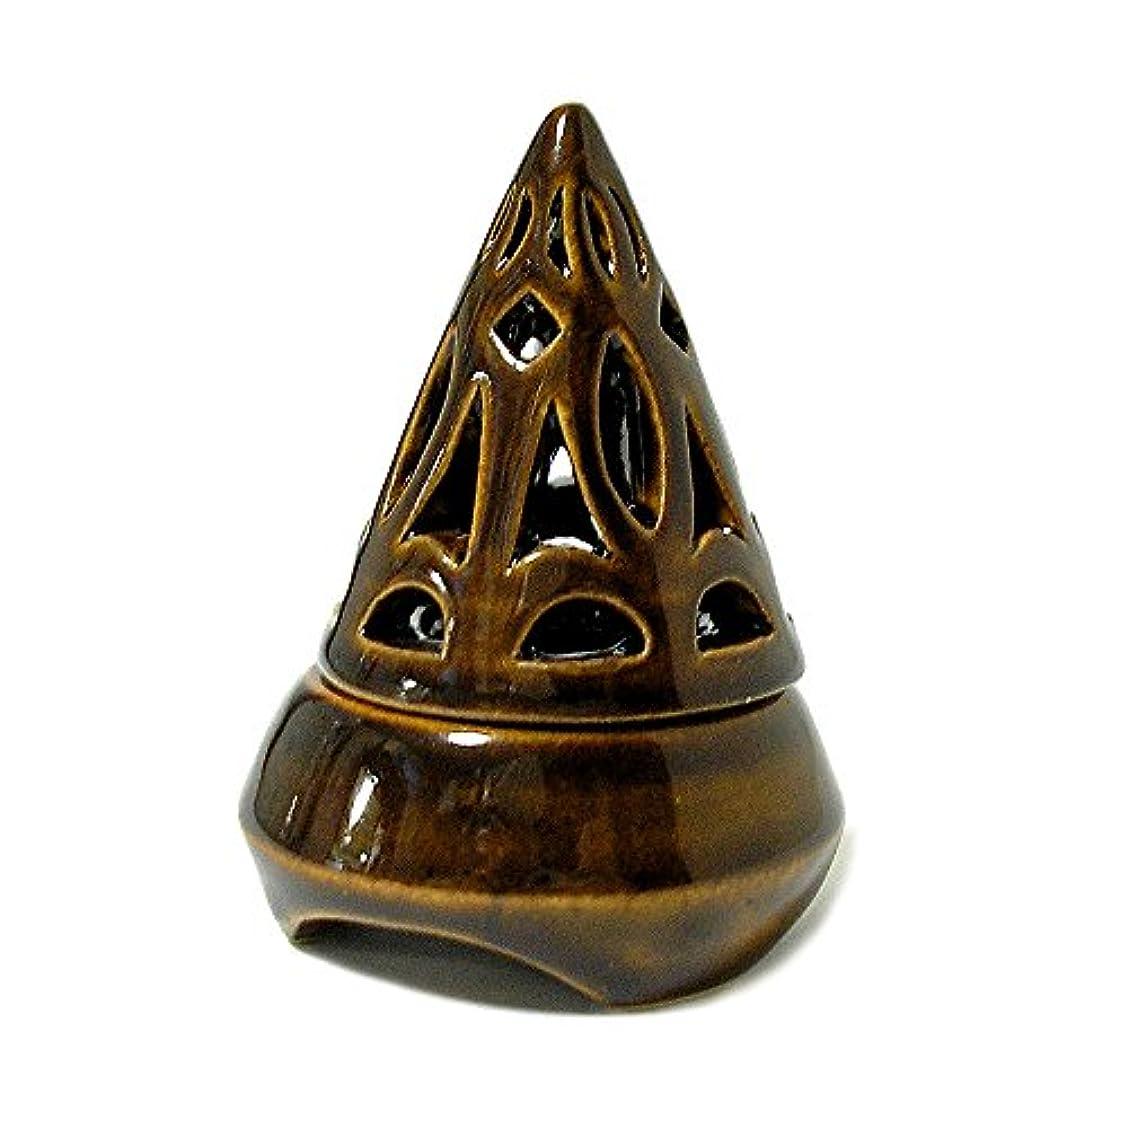 特別なきょうだい楕円形香炉コーン型 ブラウン インセンスホルダー お香立て アジアン雑貨 並行輸入品(ノーブランド品) [並行輸入品]